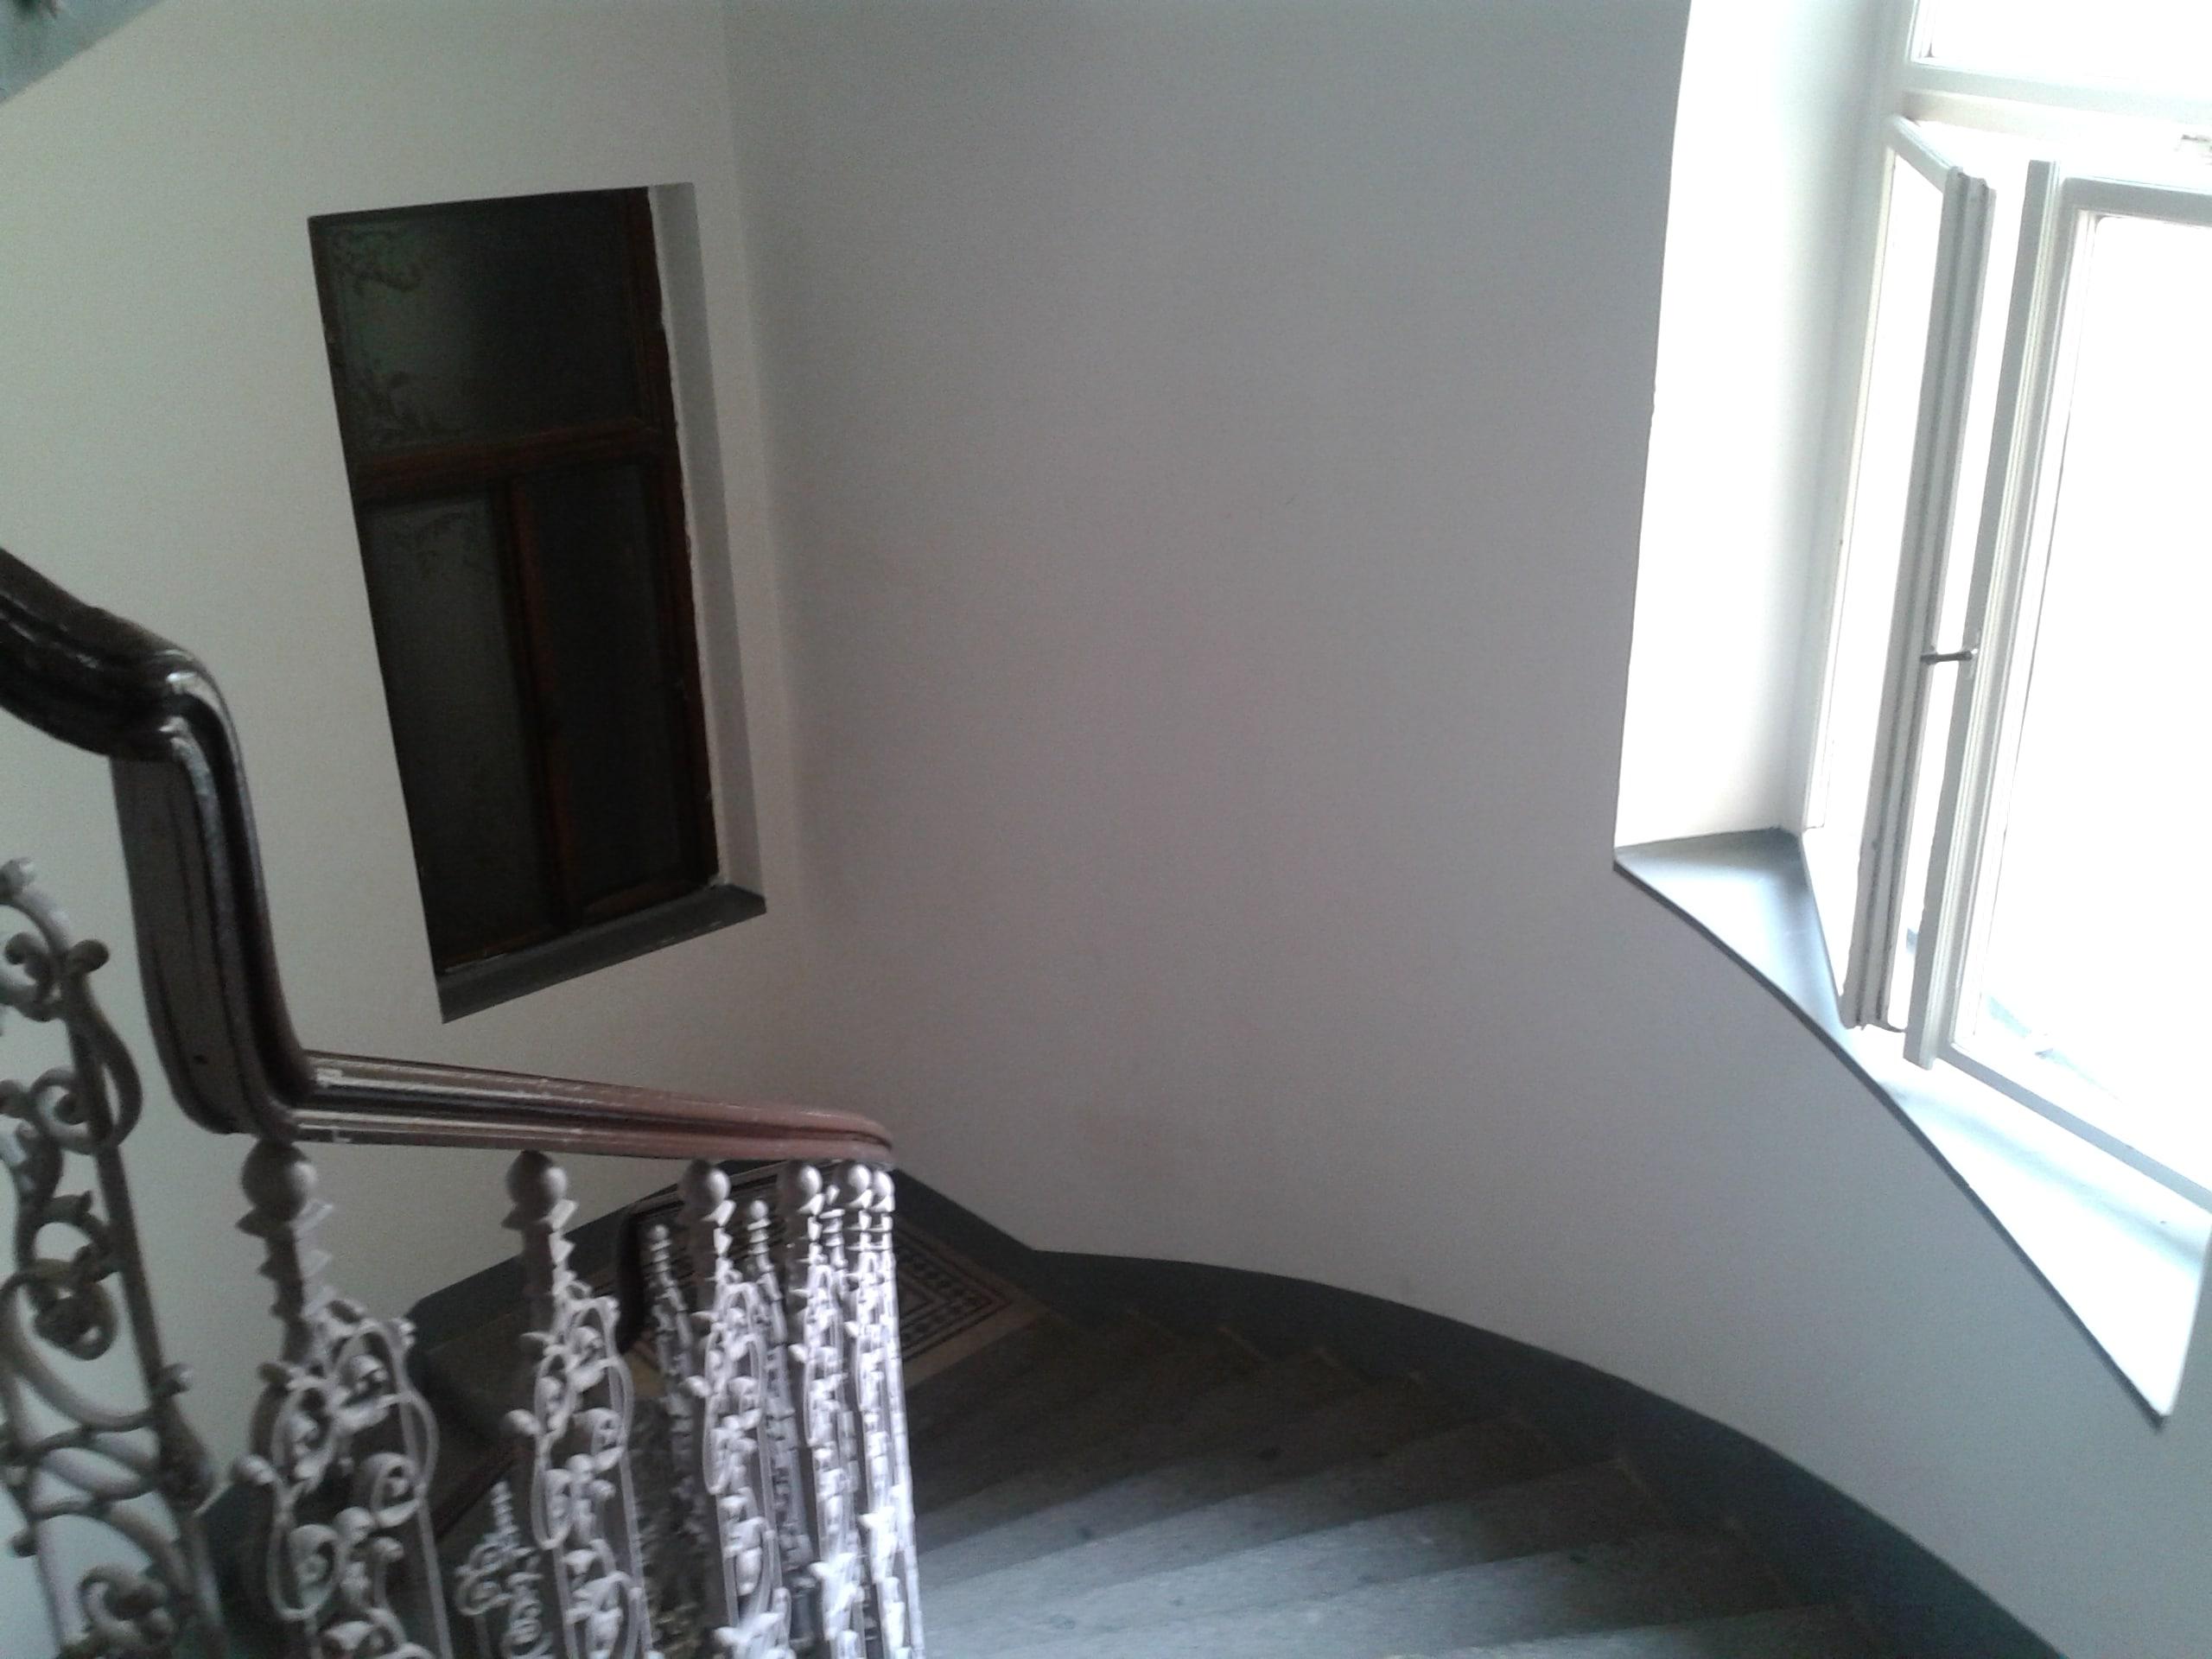 למכירה דירת 3+kk יפהפיה בפראג 1 העיר החדשה (56)